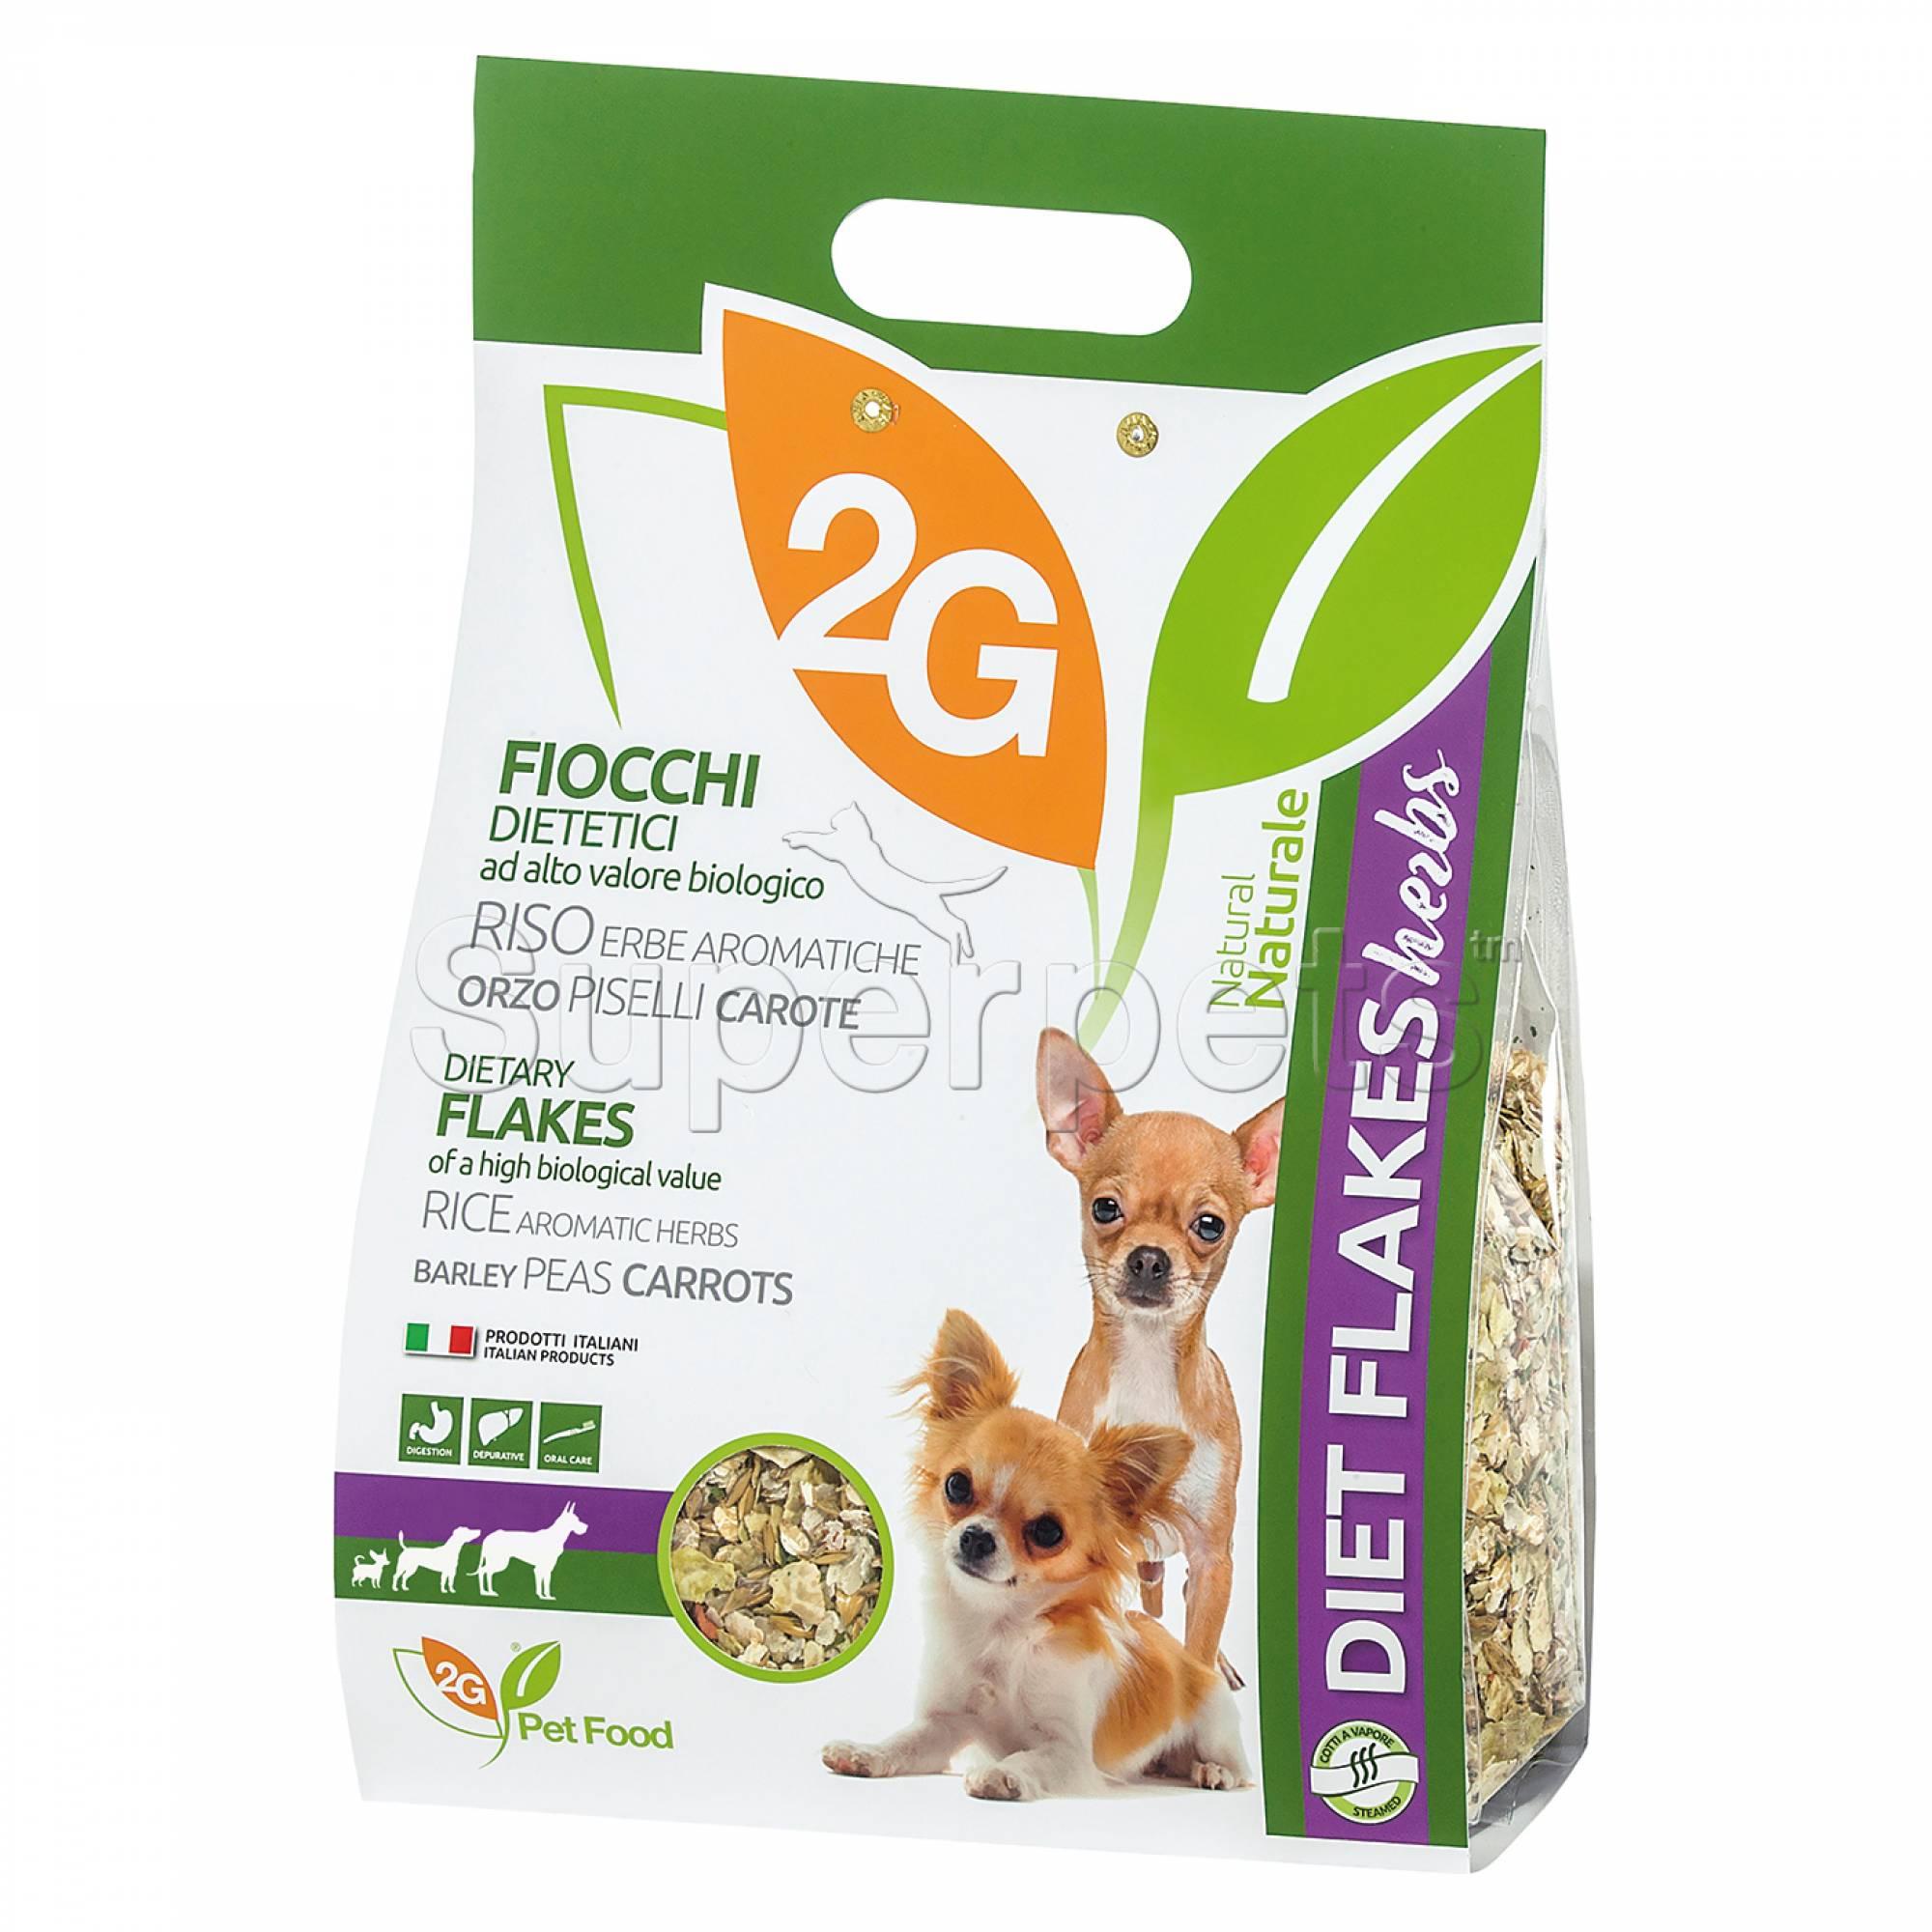 2G Pet Food - Diet Flakes Herbs 2kg